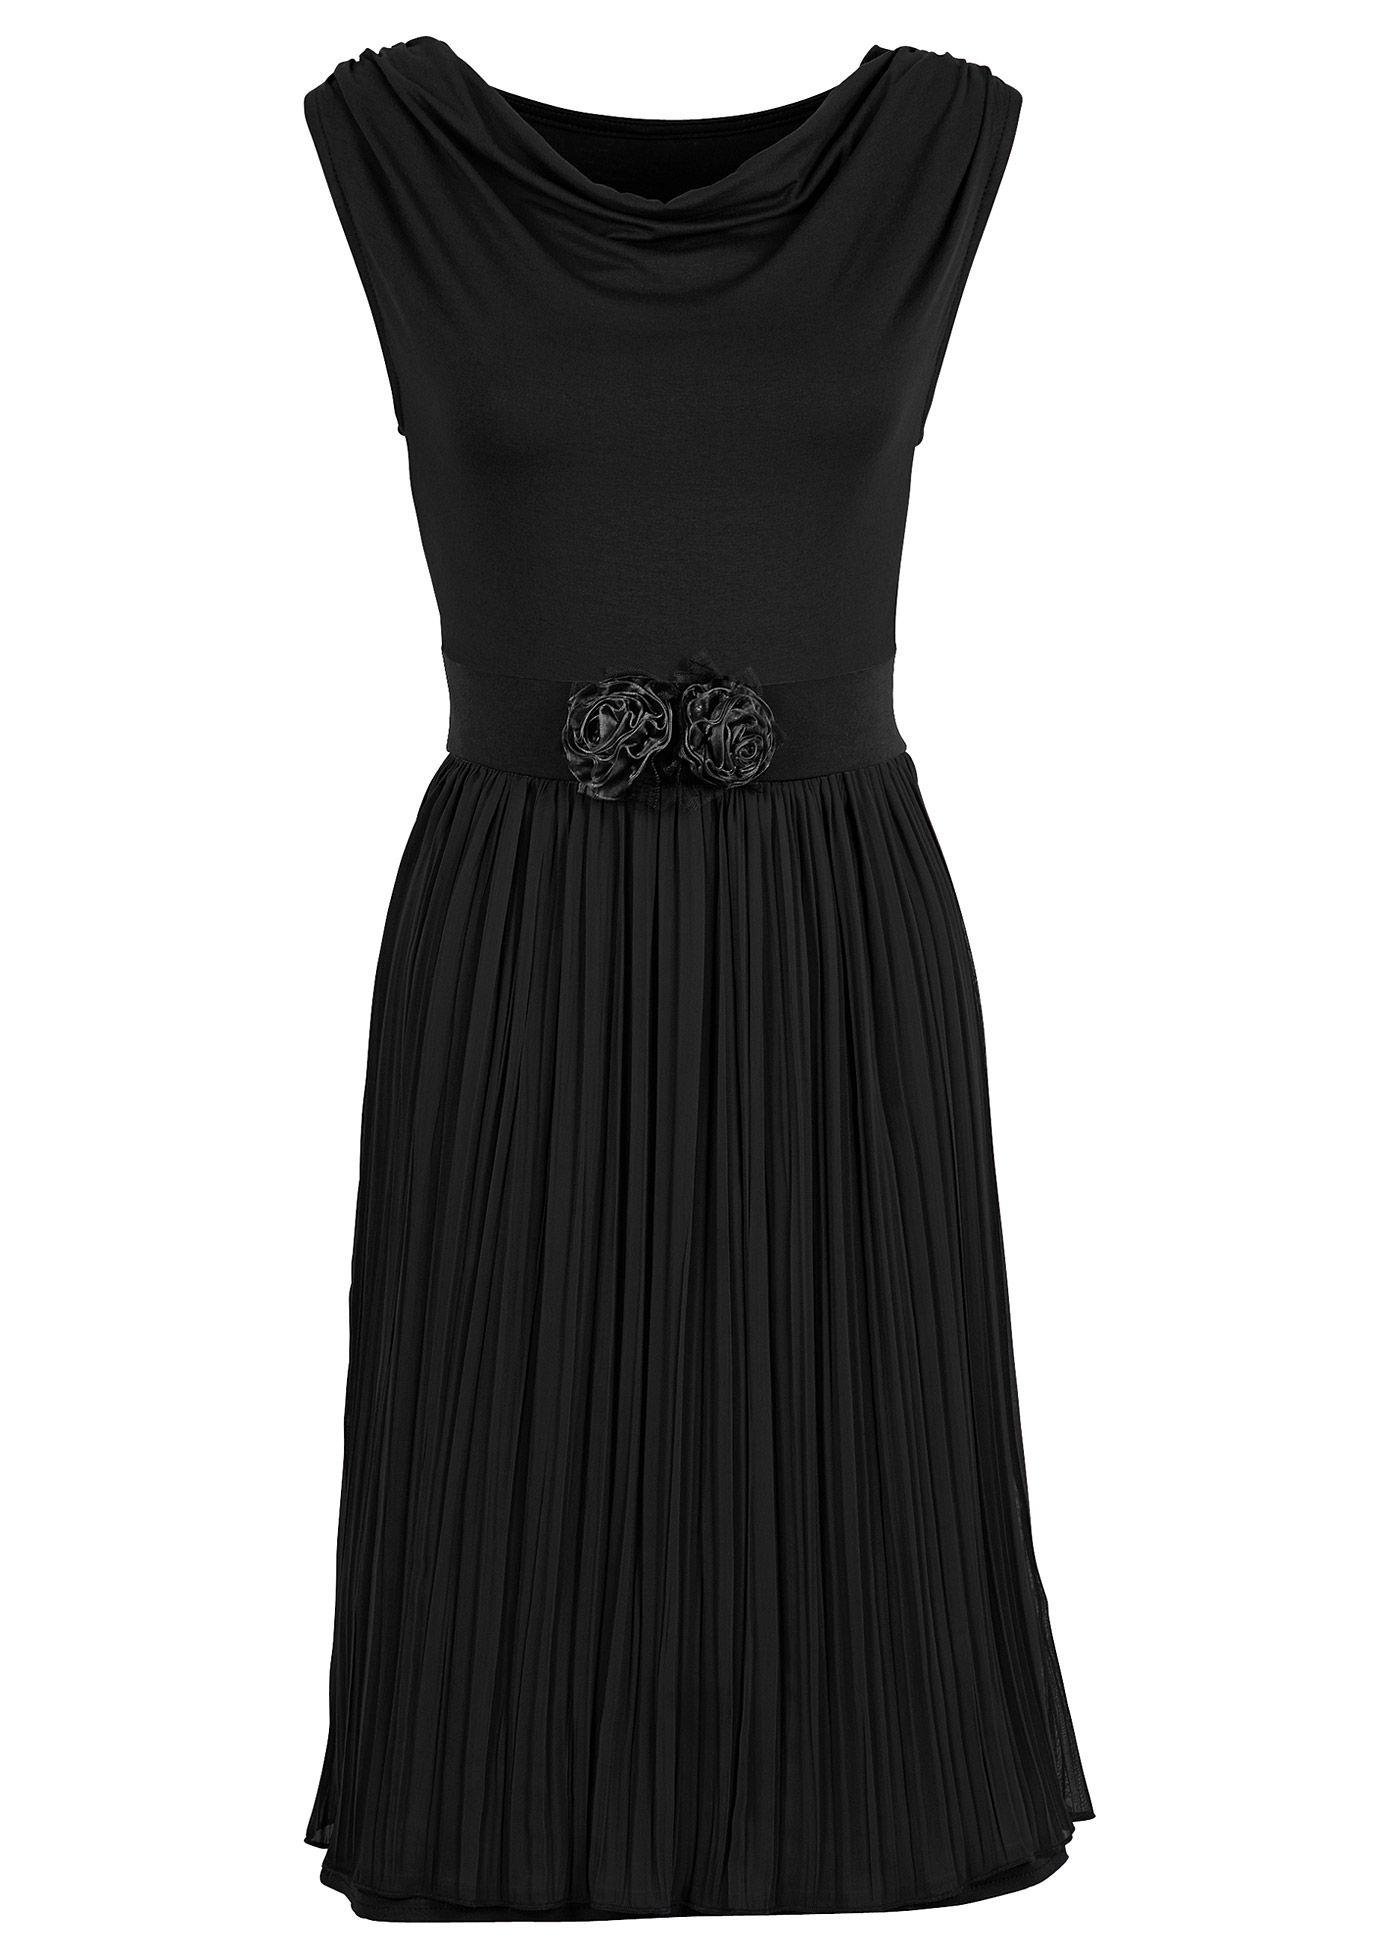 Jerseykleid mit Herzen  Kleider, Schwarzes kleid und Shirtkleid